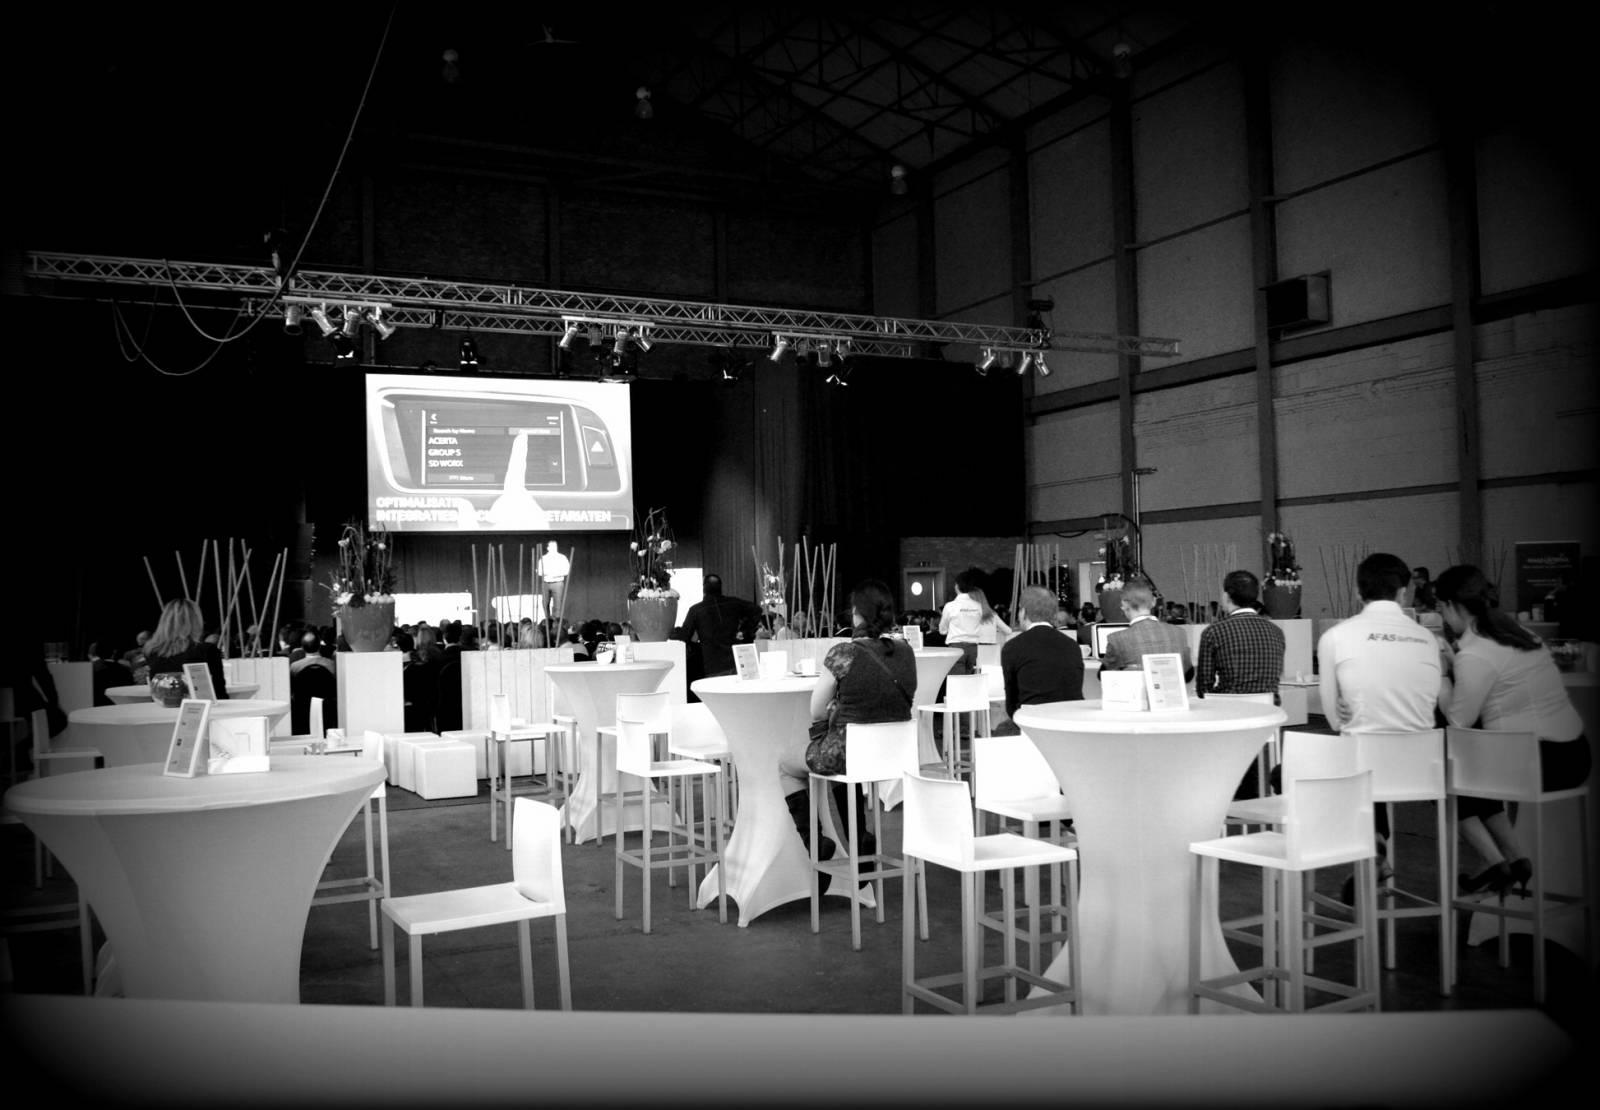 Hangar 43 - Feestzaal - Feestlocatie - Industrieel - Dendermonde (Antwerpen) - House of Events - 18